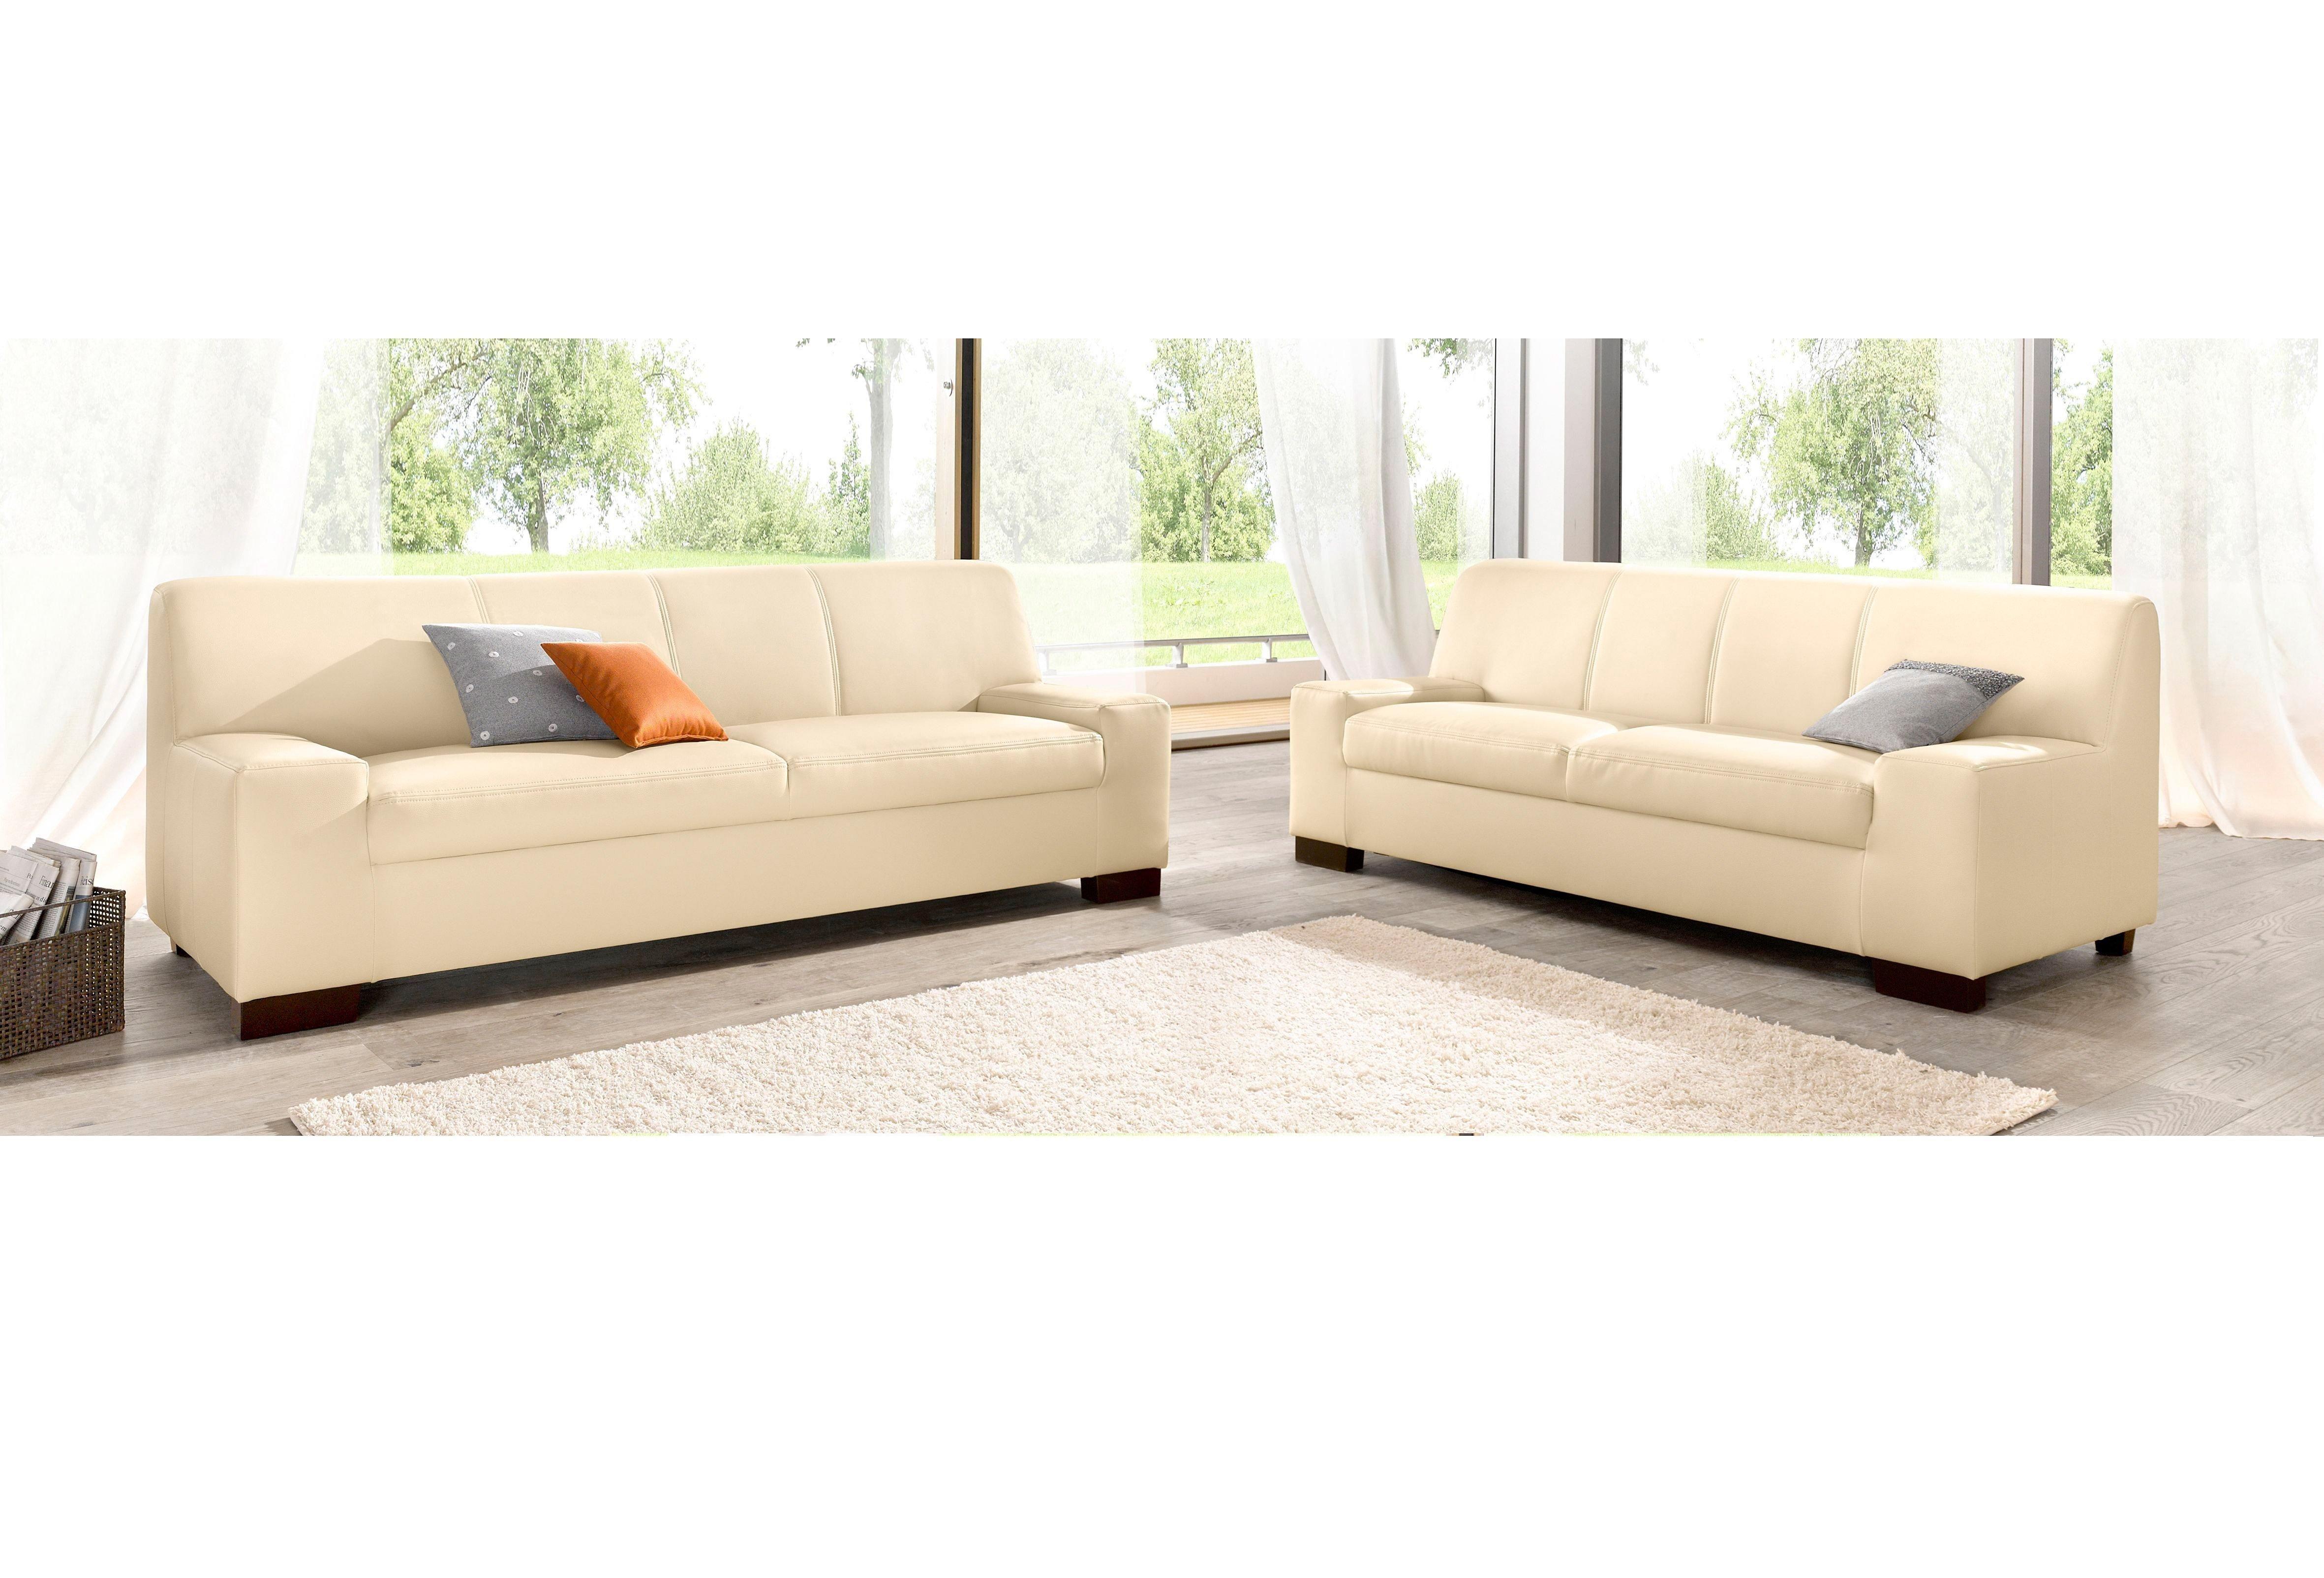 Moderne Sofas Gunstig Oversized Sofa Cushions Couch Gunstig